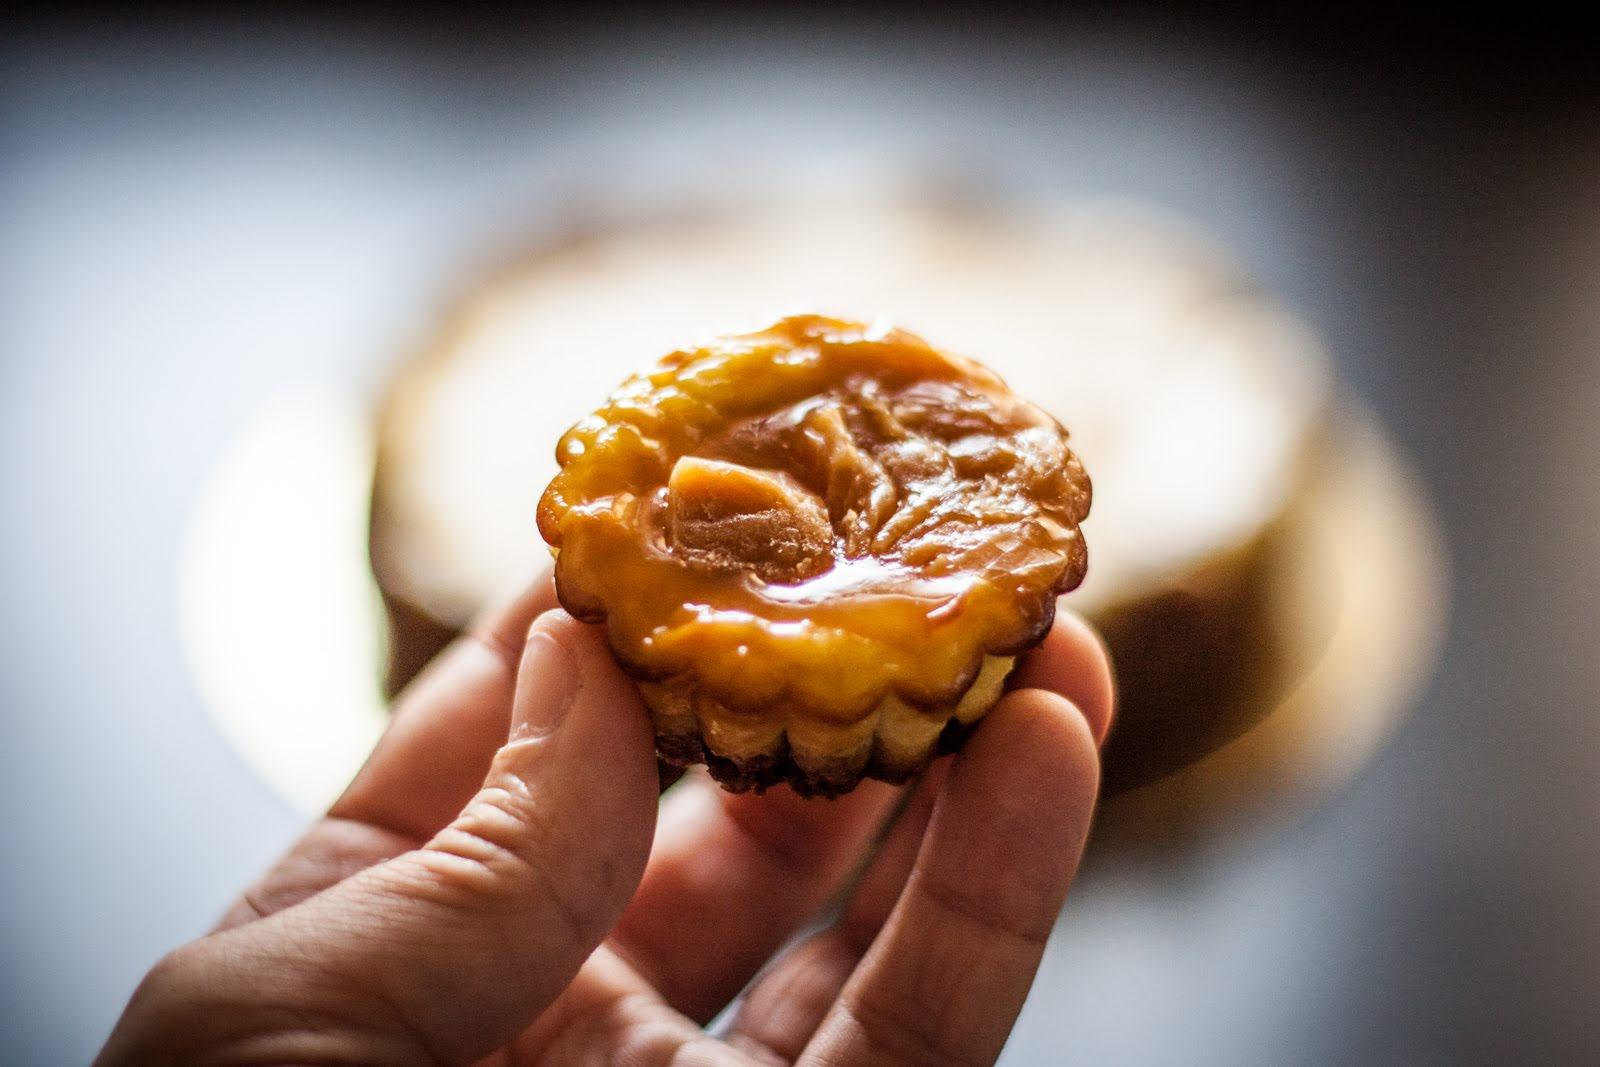 Krém z mascarpone a karamel je skvělá kombinace.